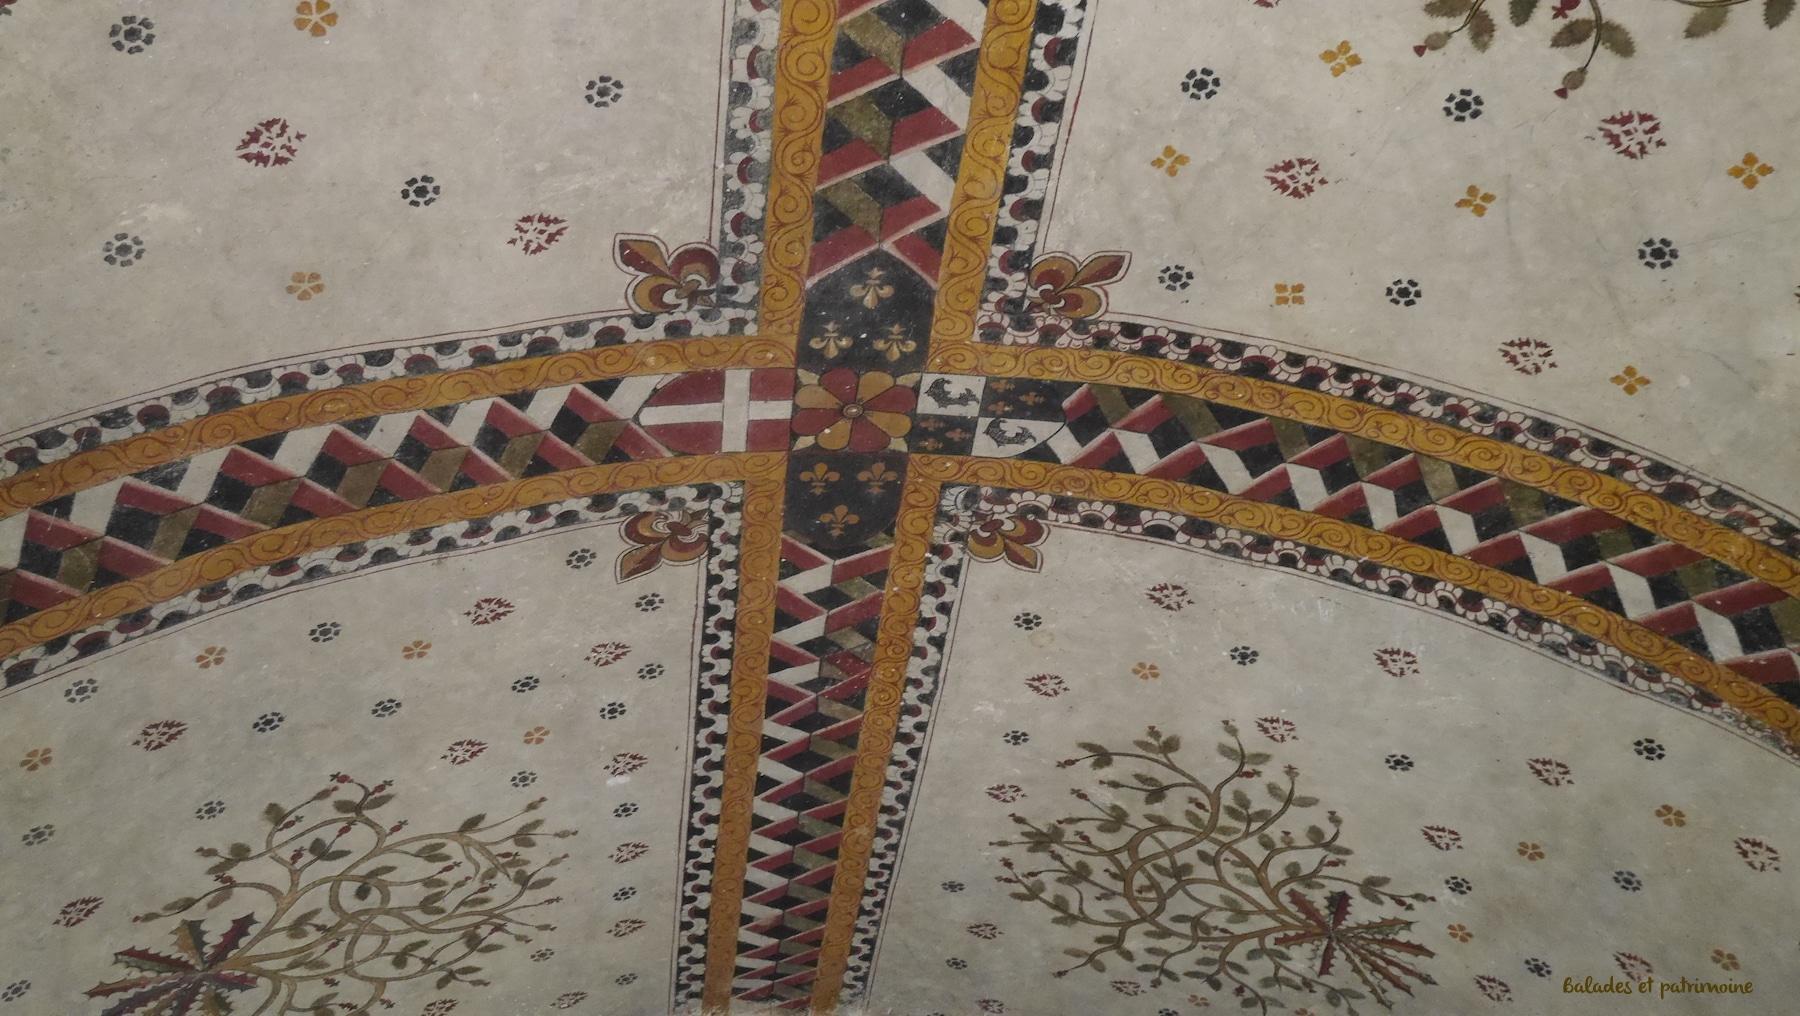 Fresque plafond chateau Larroque toirac